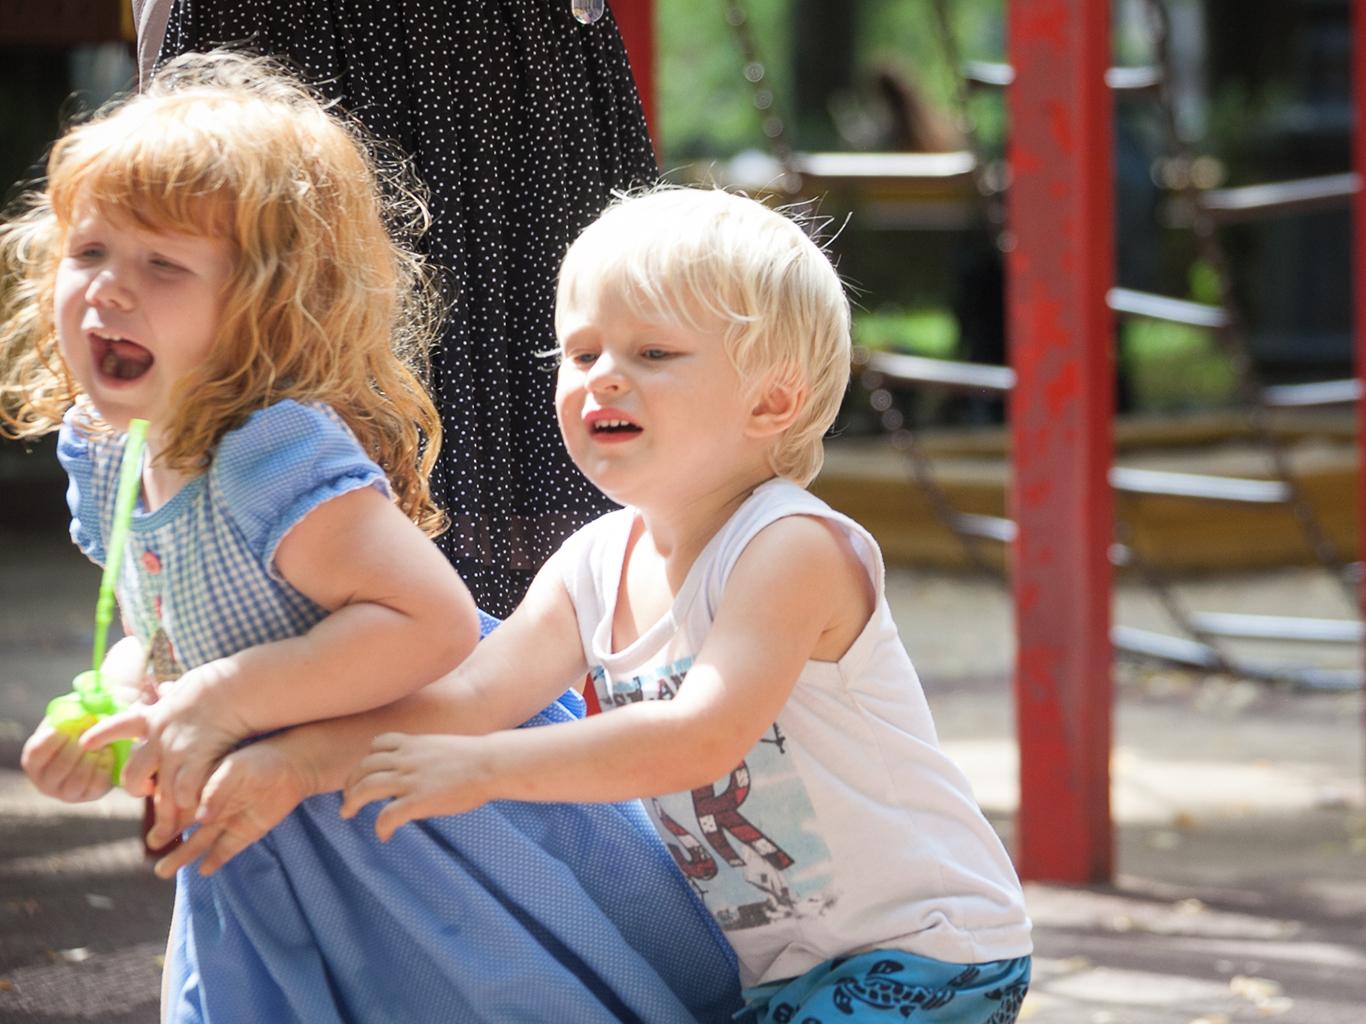 Кризис 3 лет: 4 правила для спокойствия родителей